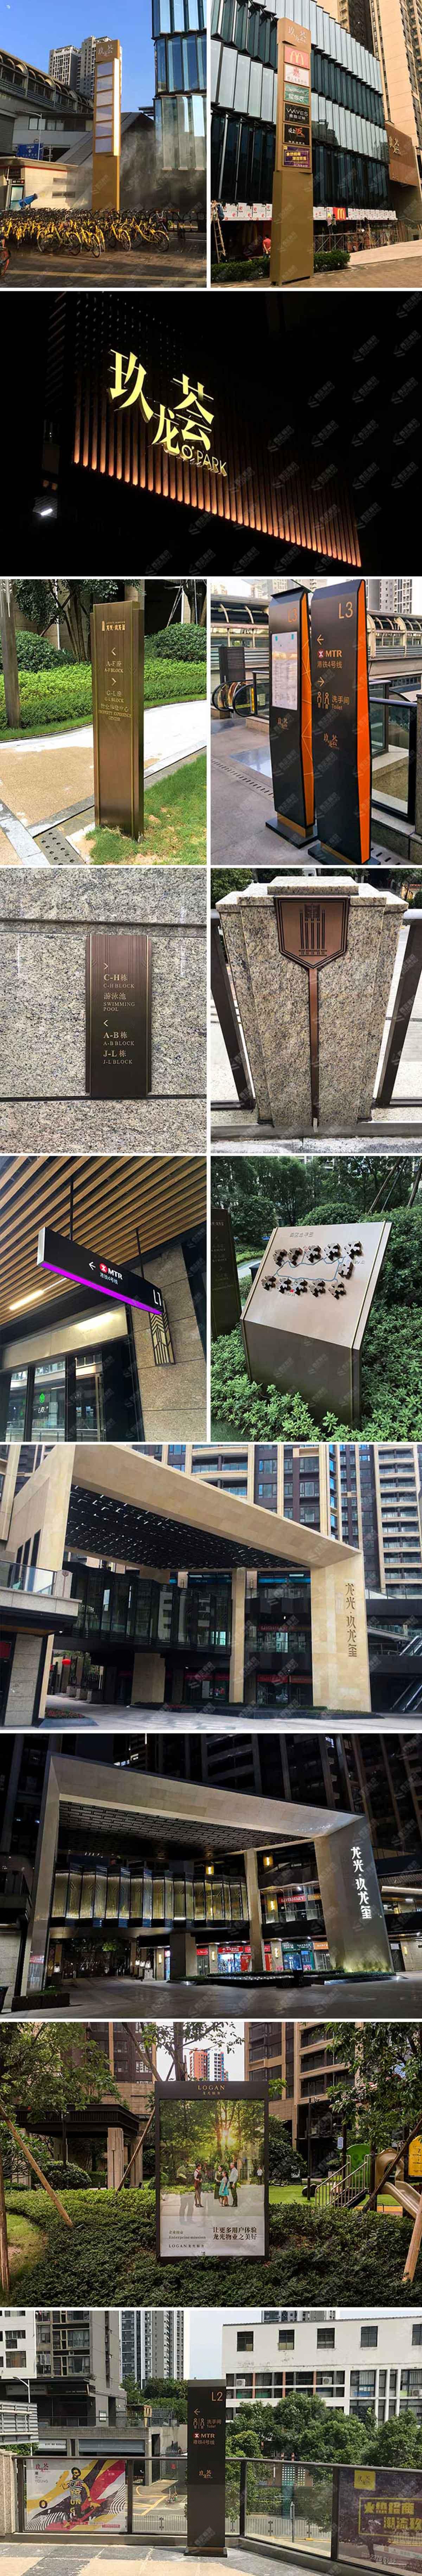 龙光·玖龙玺商场标识导视系统